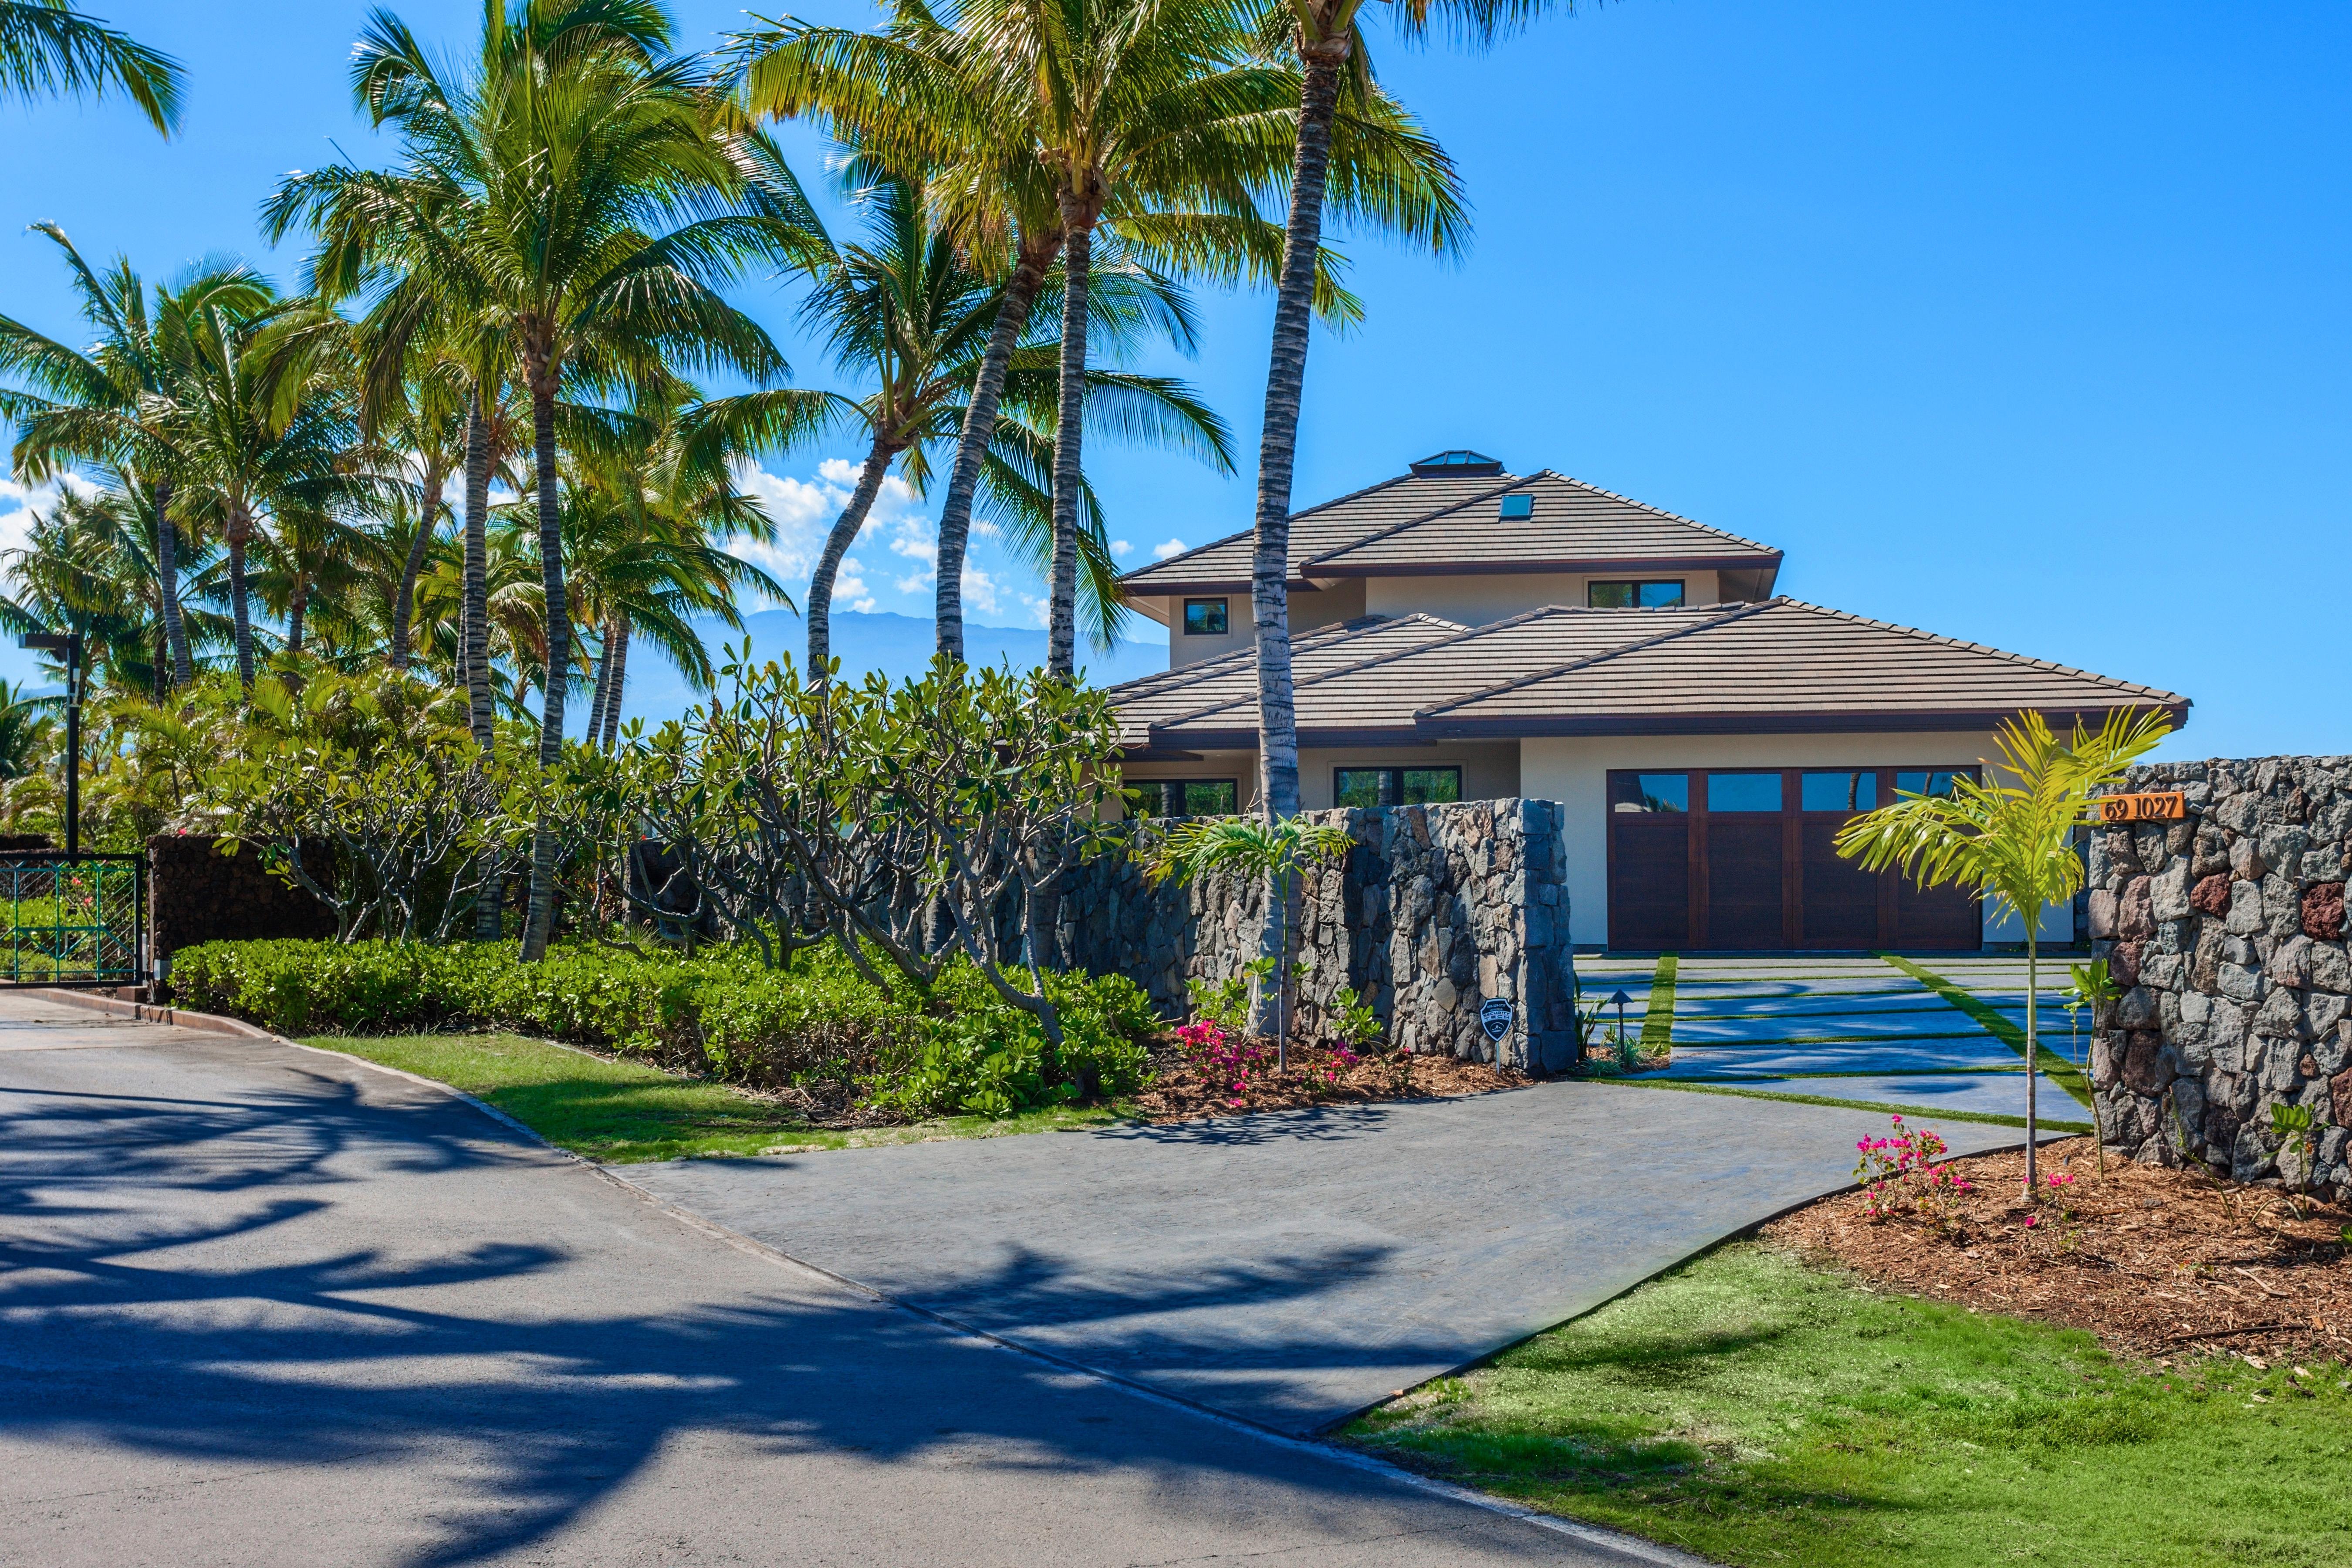 Hawaii 409 - 37